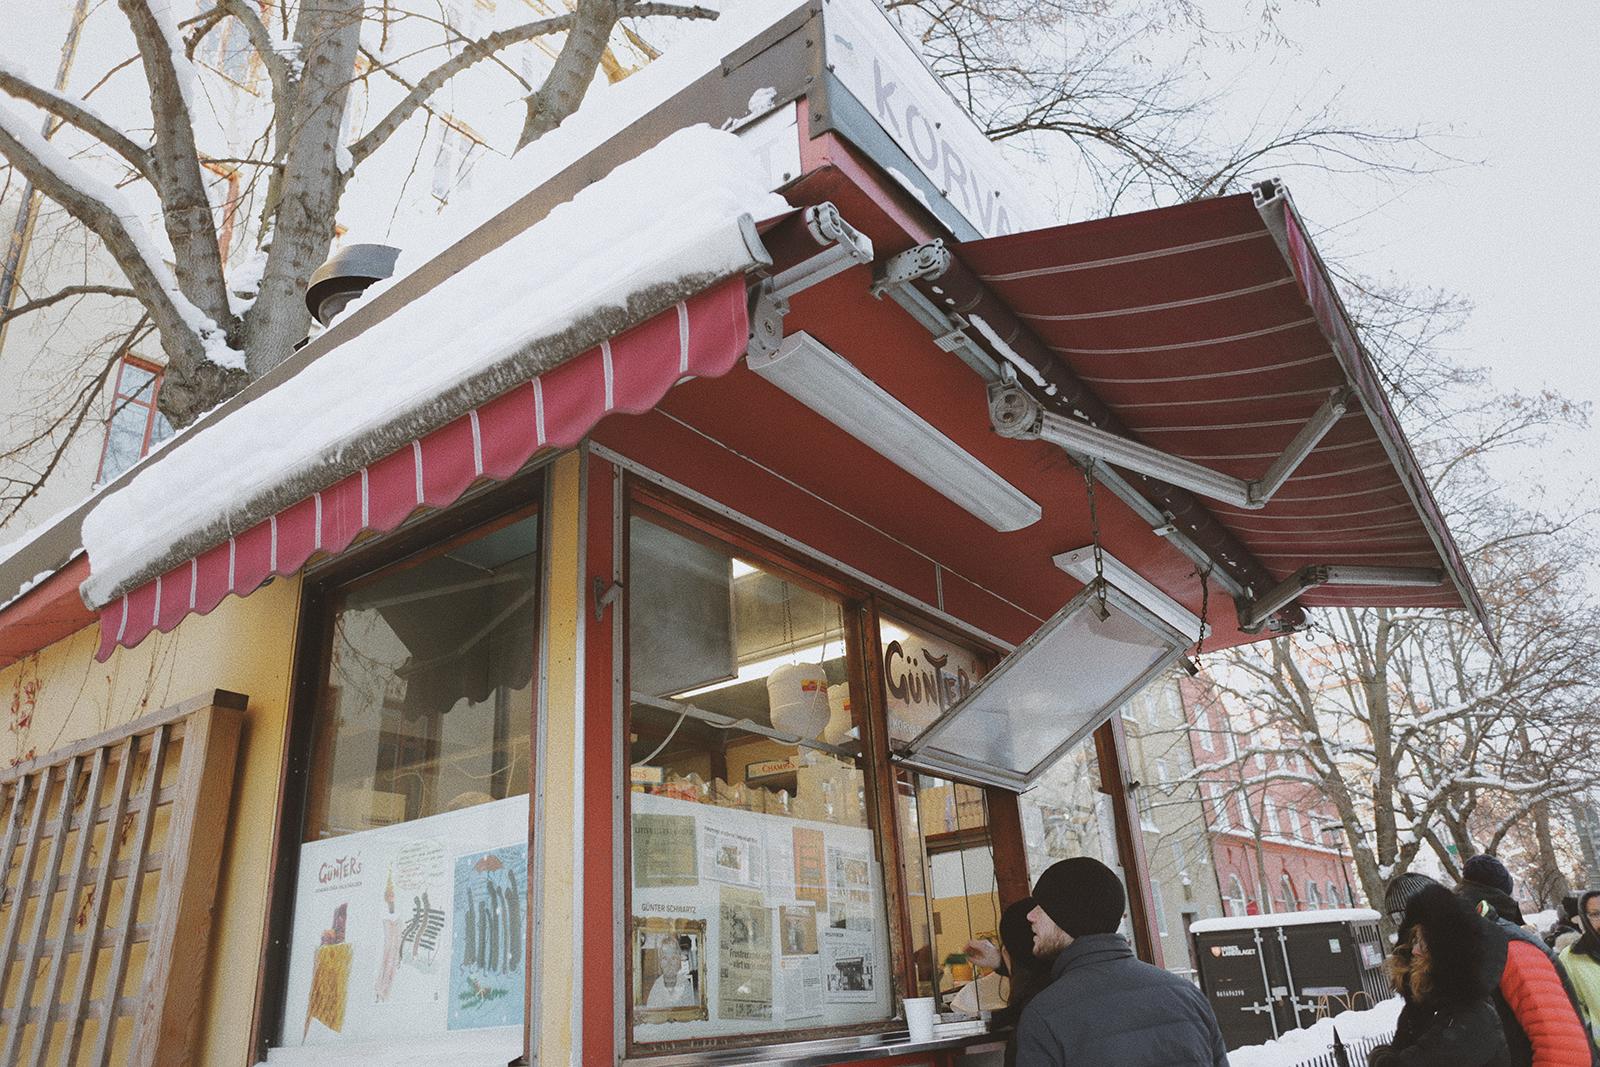 冰天雪地裡的神祕熱狗店:被寫到斯德哥爾摩各個故事裡面的 Gunter's